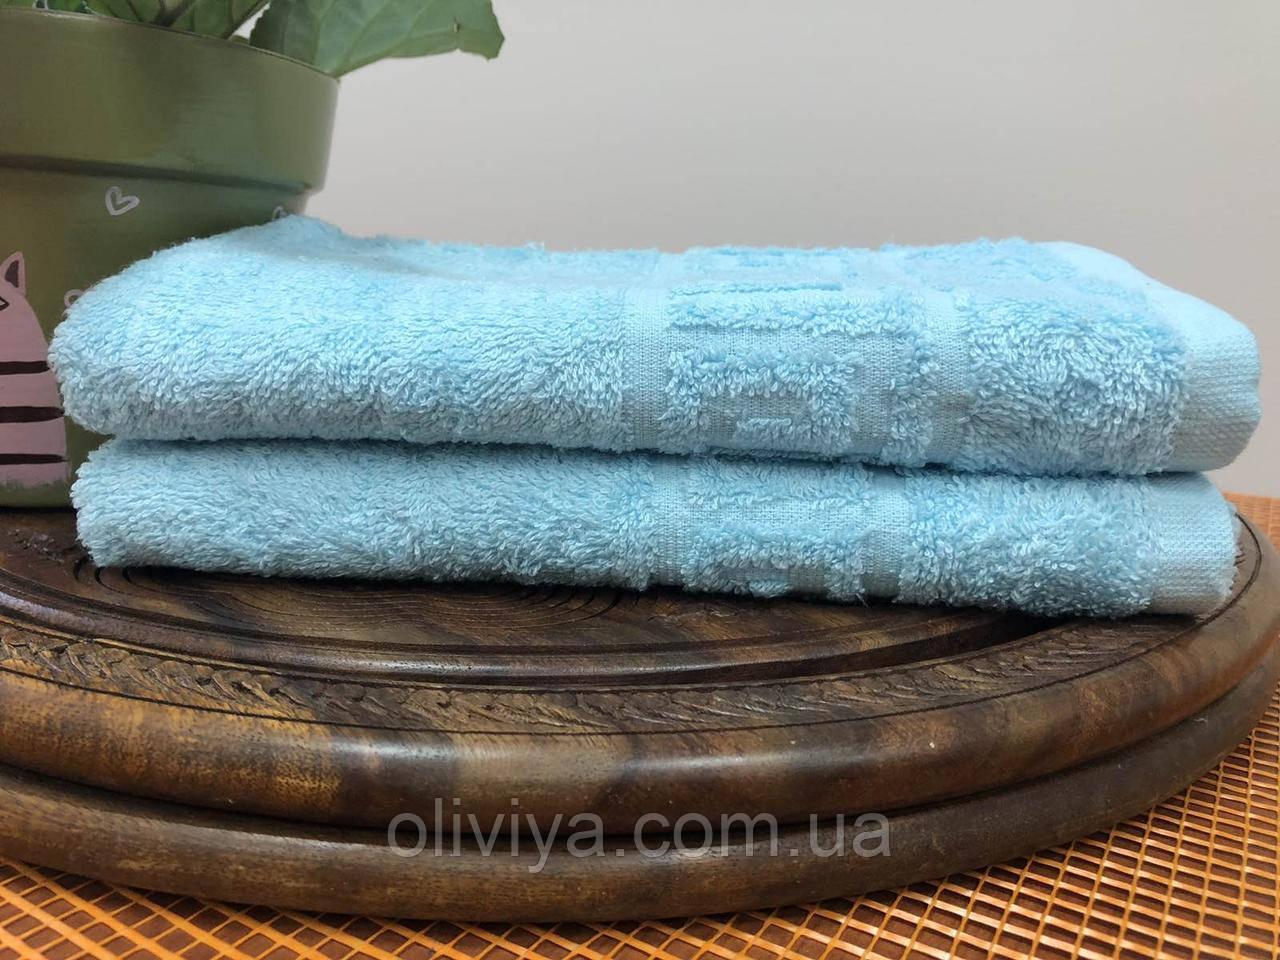 Полотенце для бани (бирюзовое)